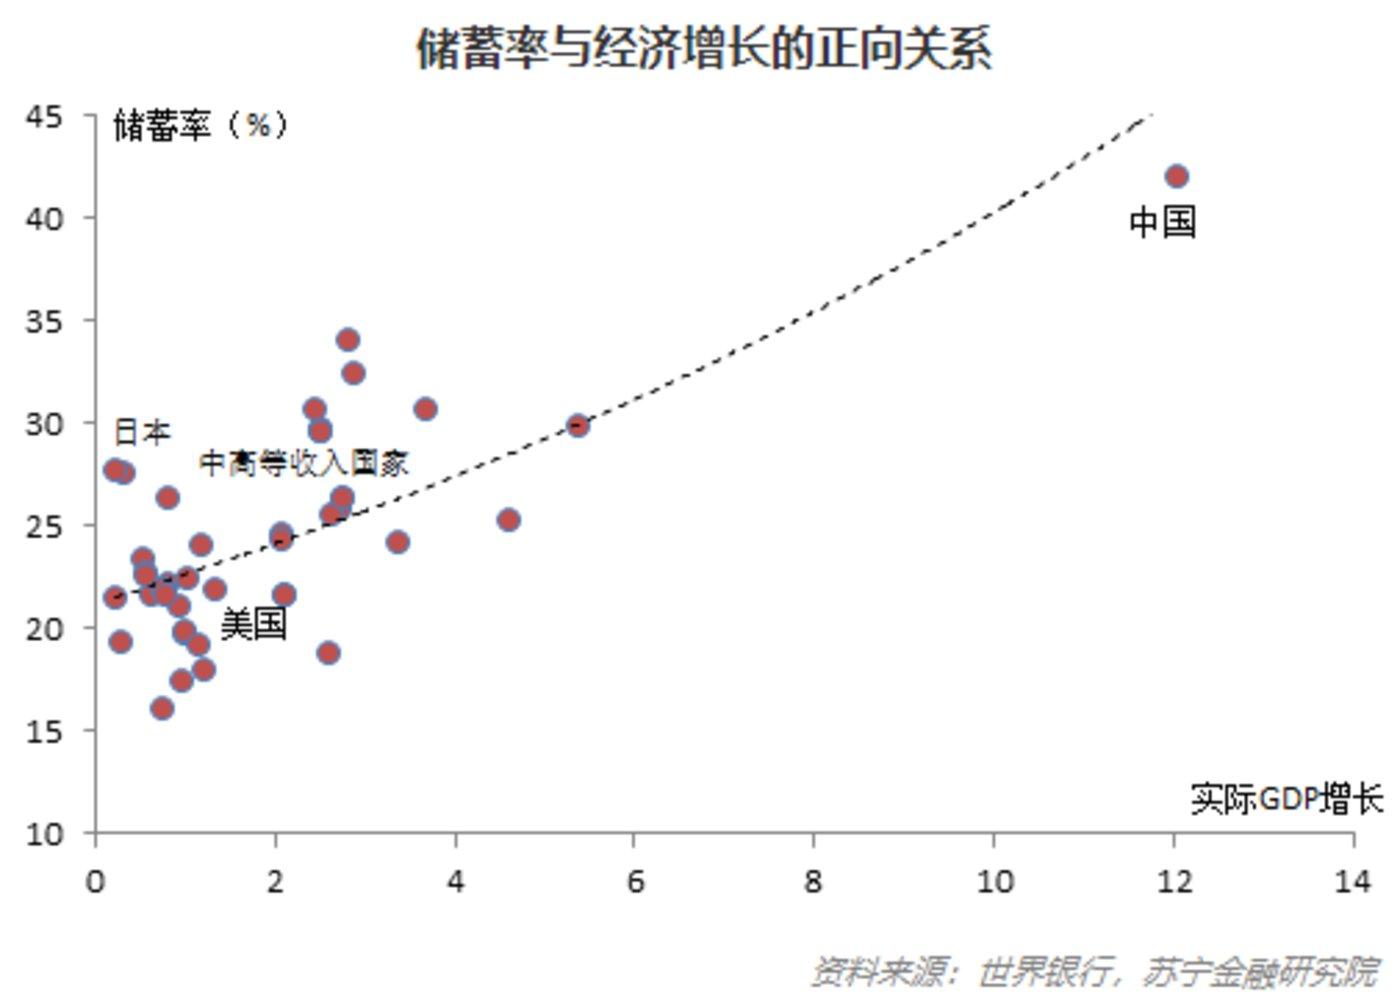 中国人口趋势_大陆人口突破14亿中国人口存在老龄化趋势